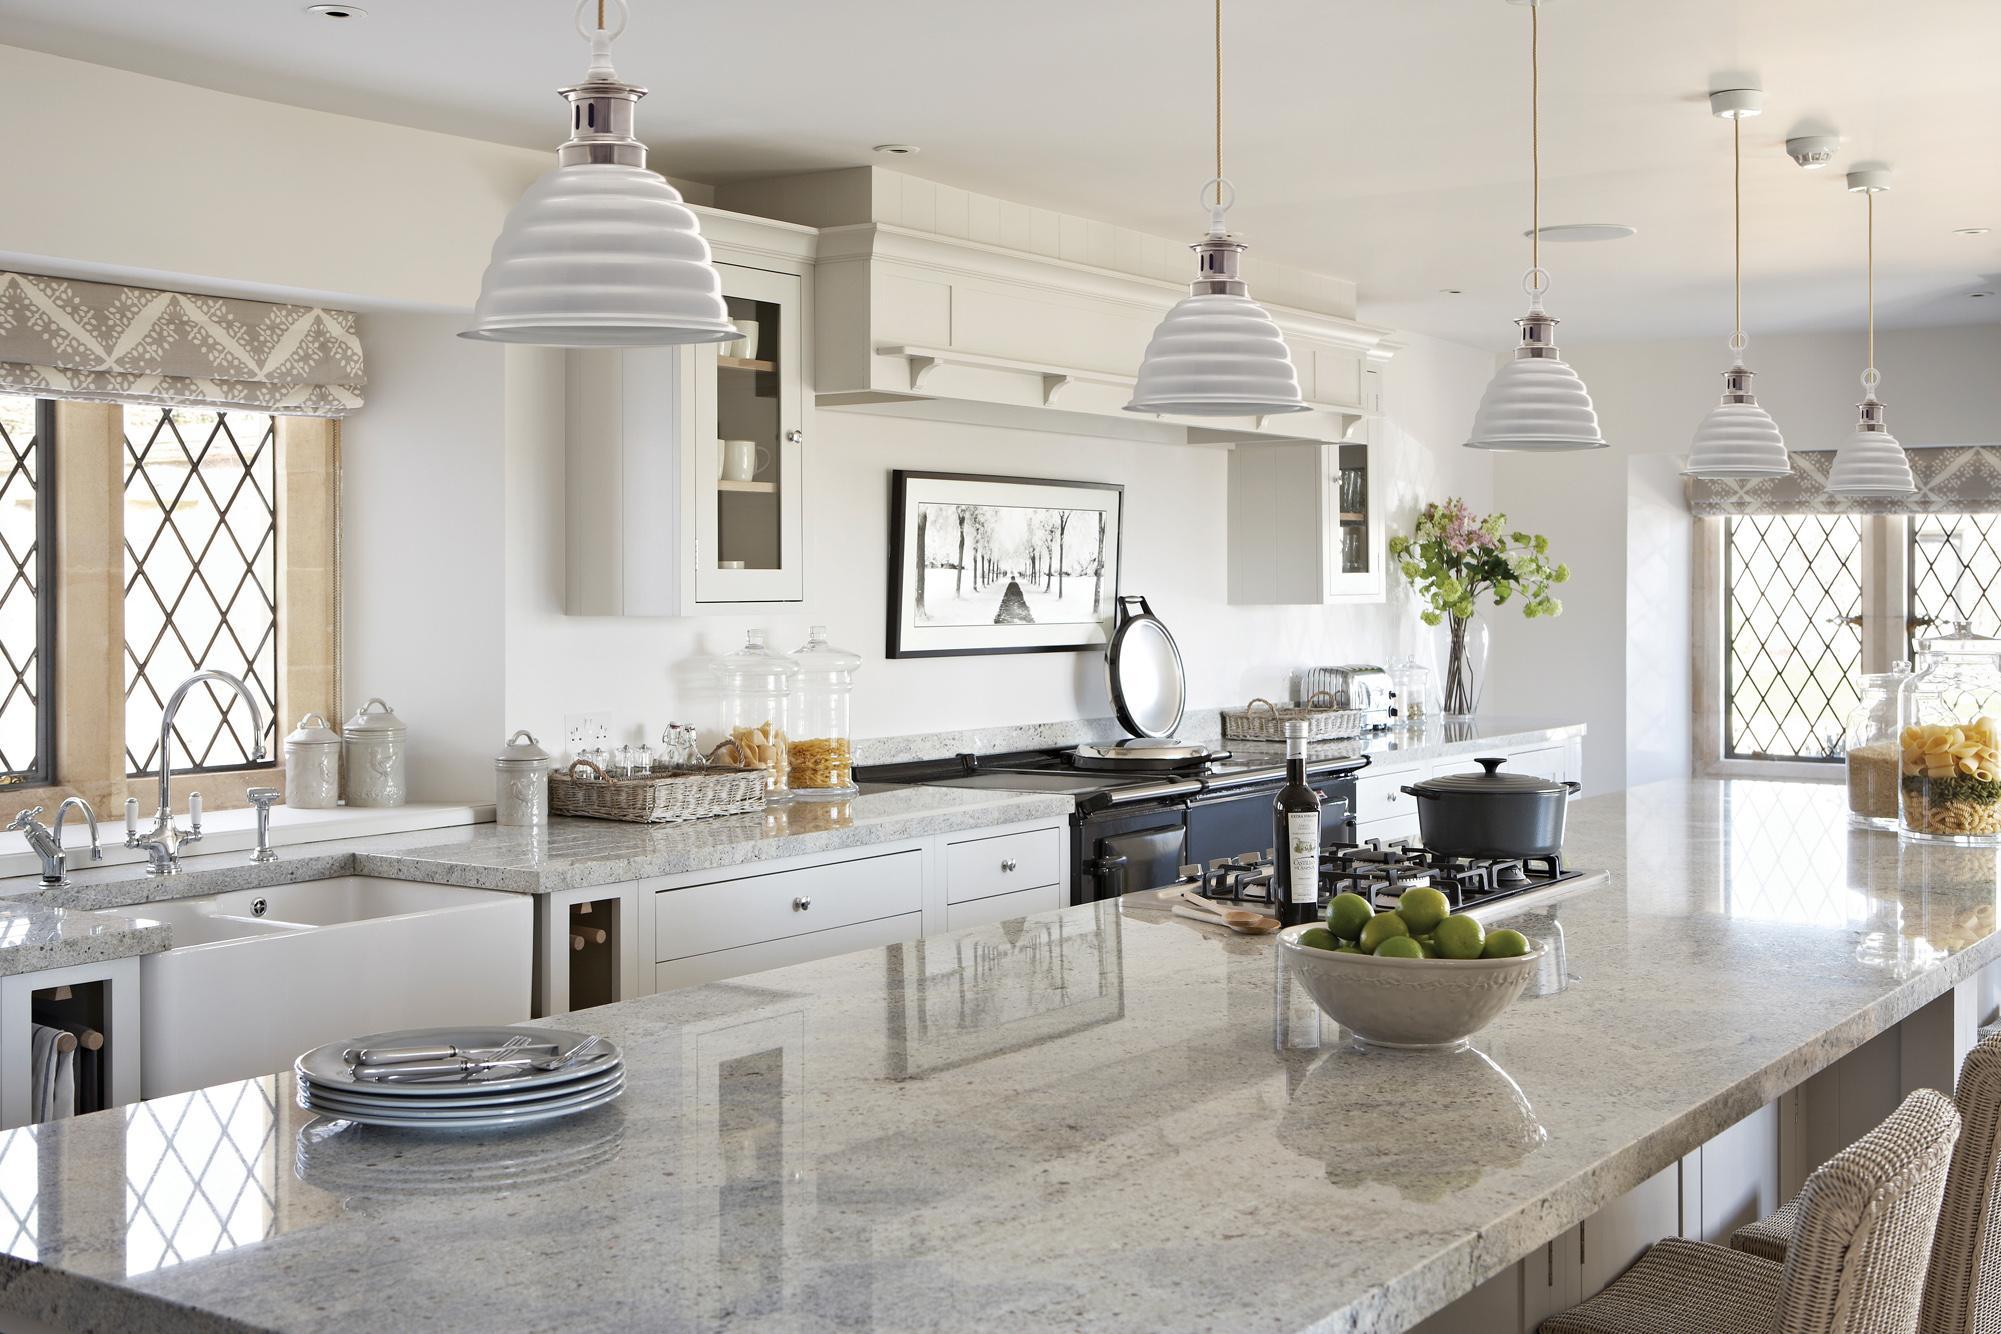 Küche Mit Marmorplatte | Kuche Mit Marmorplatte Kuche Pendelleuchte Zimmer